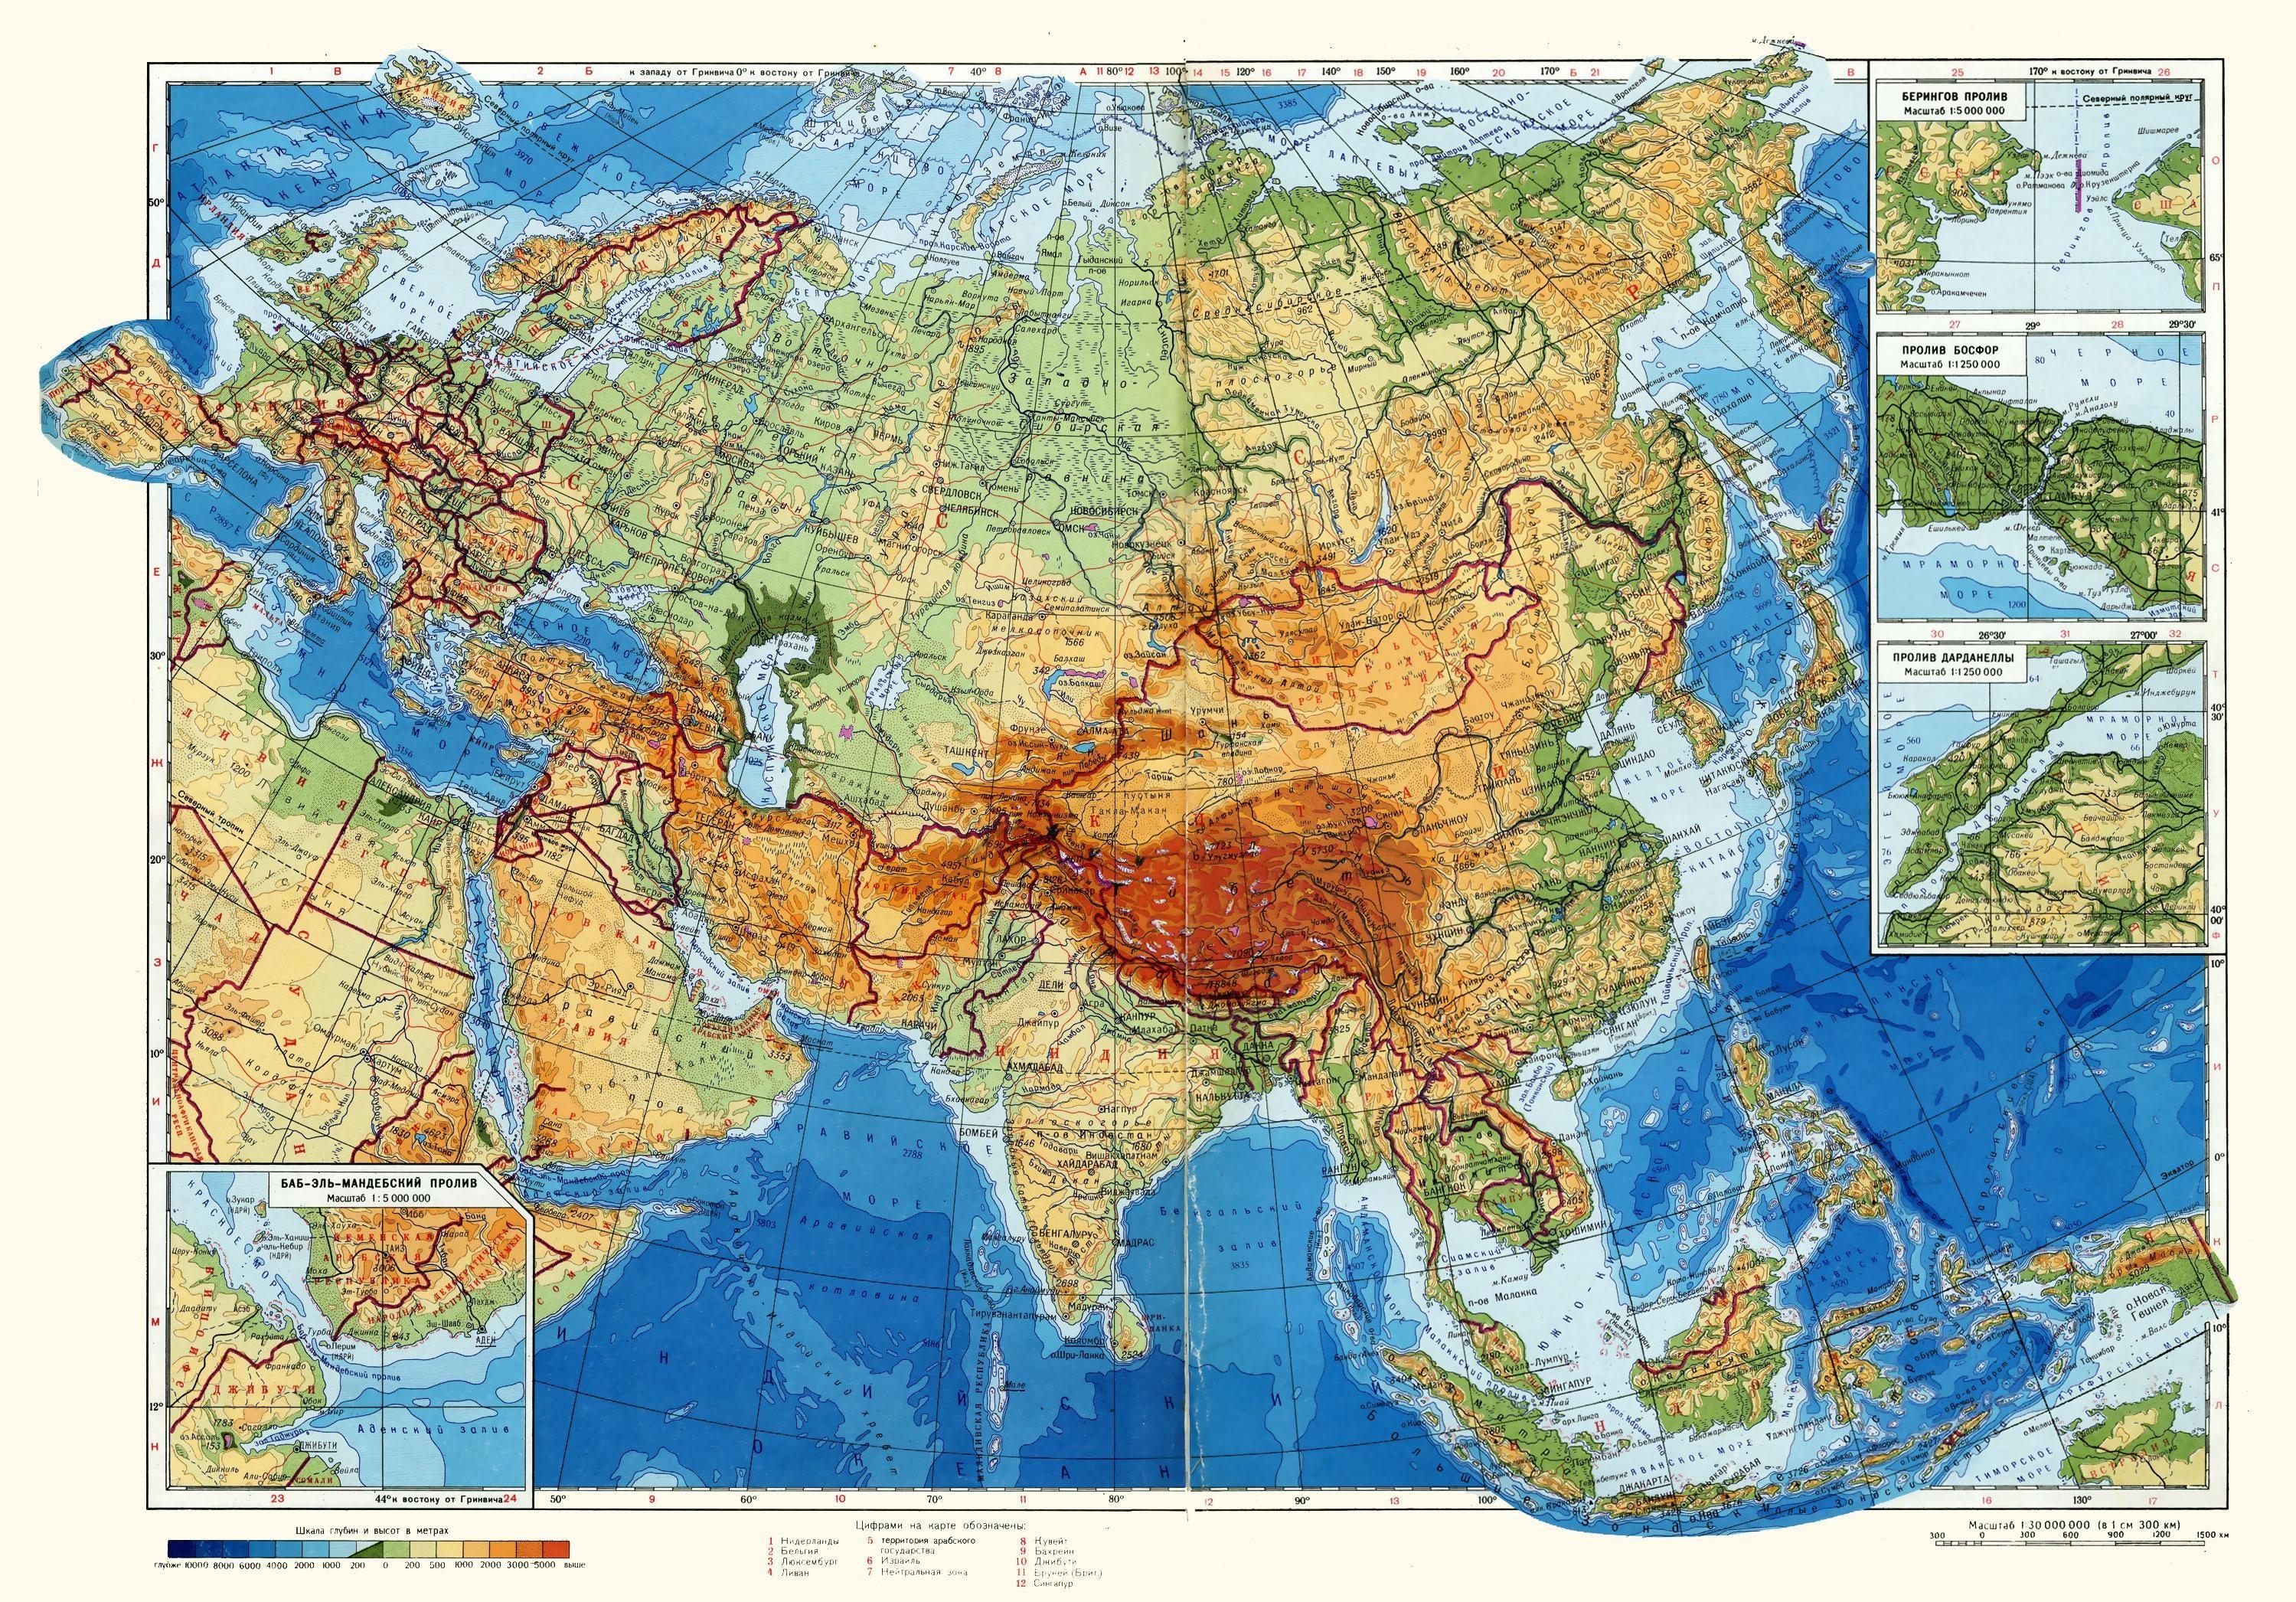 Материк евразия, площадь, природные зоны, какие океаны омывают, список стран, кто открыл евразию, рельеф, климатические пояса, самые высокие горы, вулканы